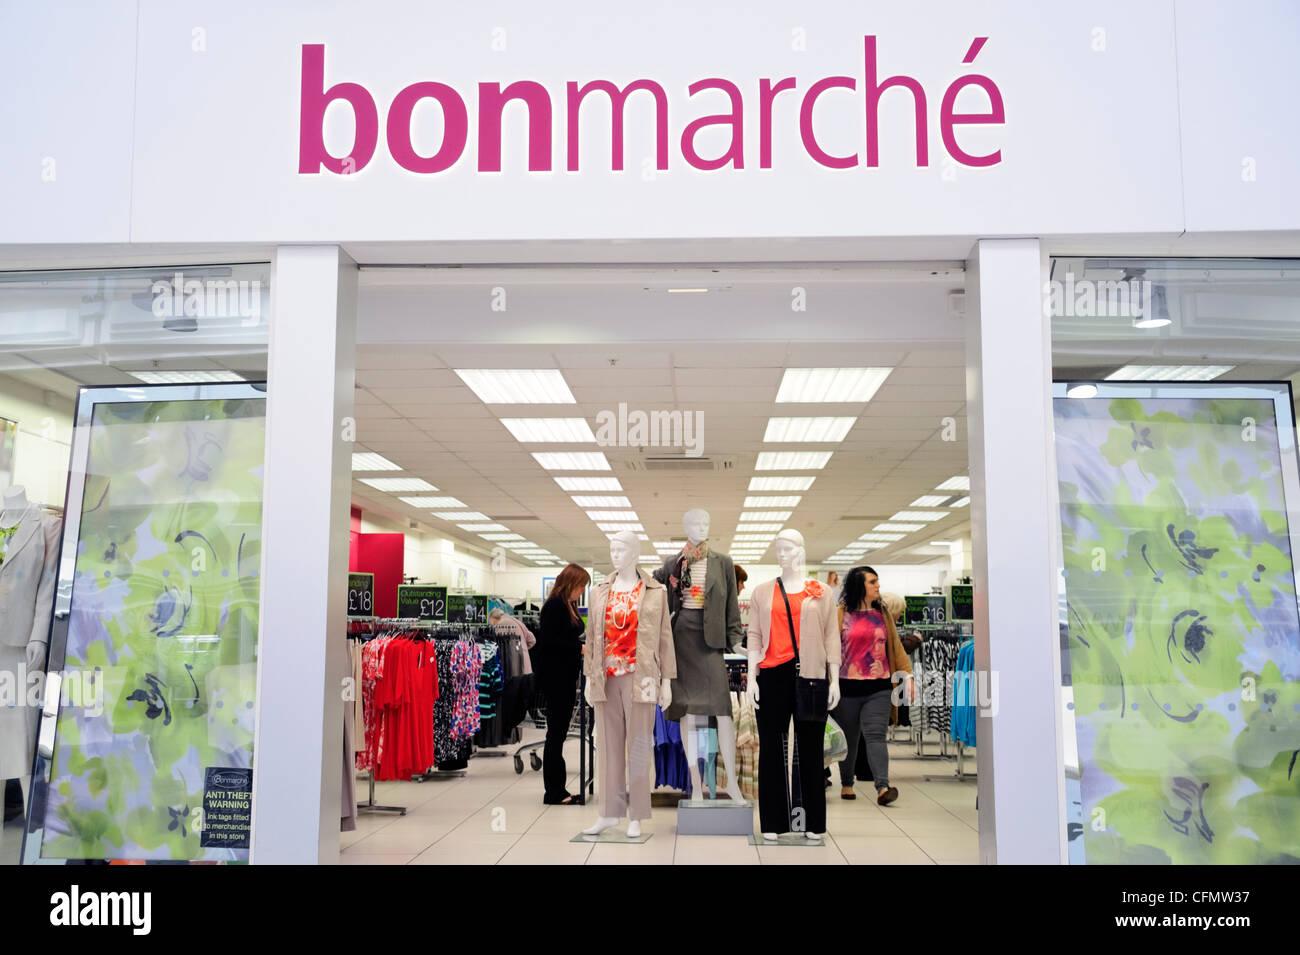 Bonmarche shop a Merry Hill shopping centre, West Midlands, Regno Unito. Immagini Stock